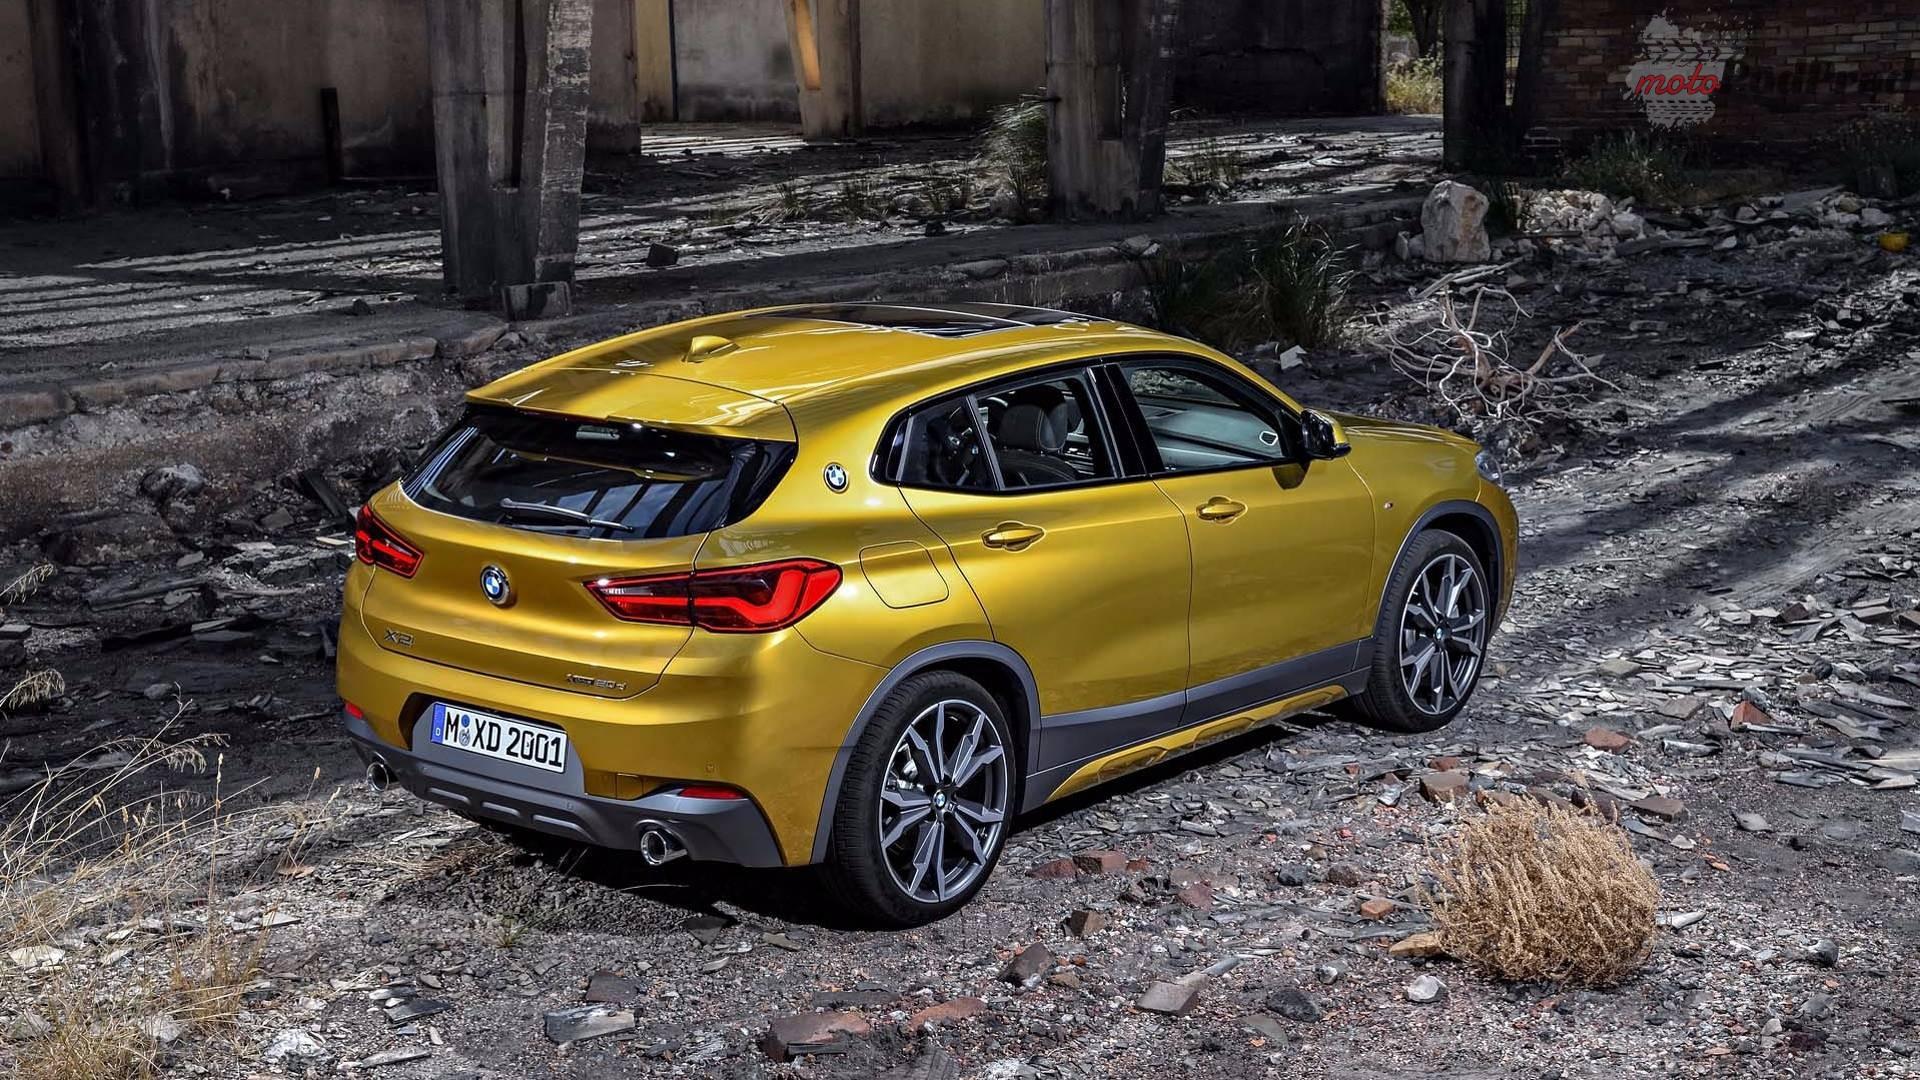 2018 bmw x2 1 BMW X2 uzupełnia gamę bawarskich crossoverów